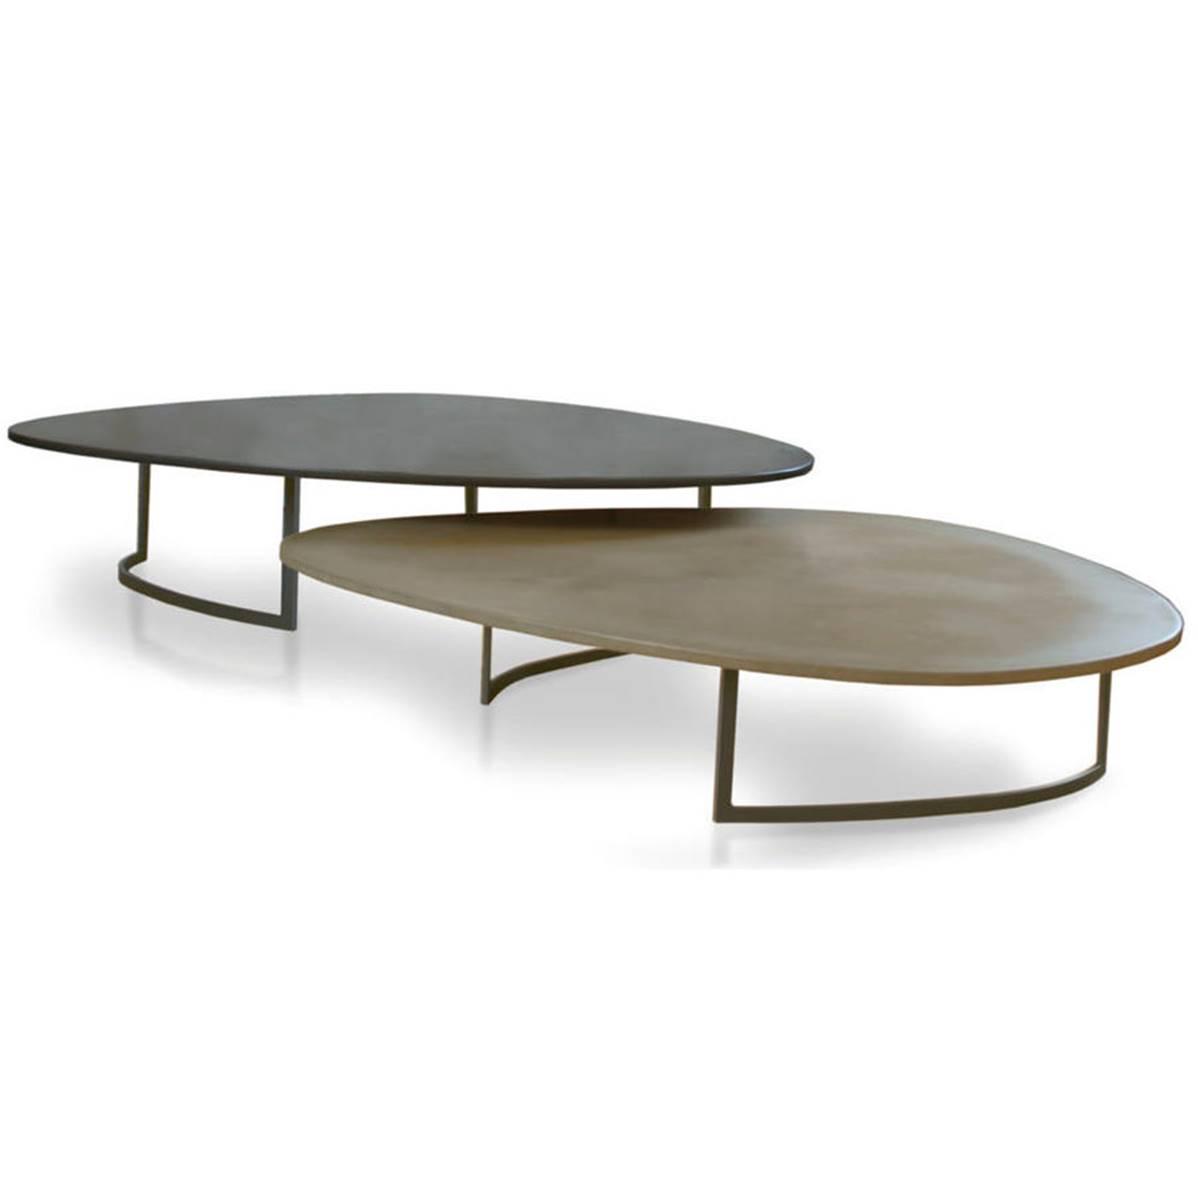 Table Galet Salome De Fontainieu Haute 29cm 93 92 Couleur Kaki